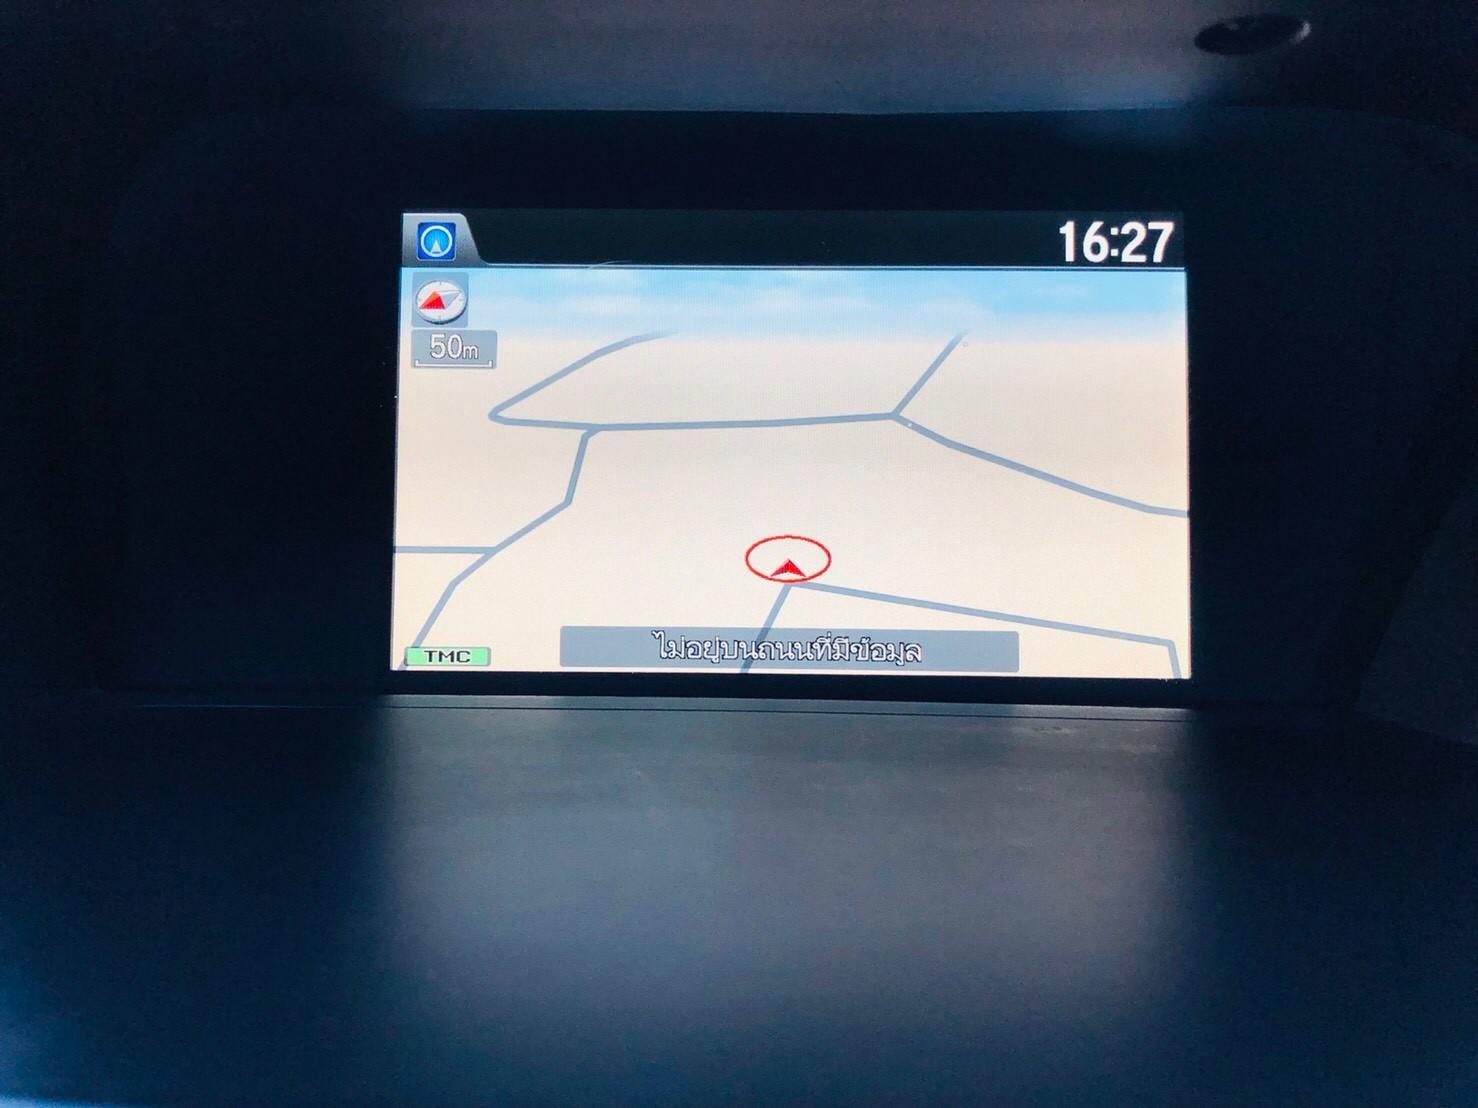 ภาพระบบนำทาง ฮอนด้า แอคคอร์ด 2.4 EL ปี 2013